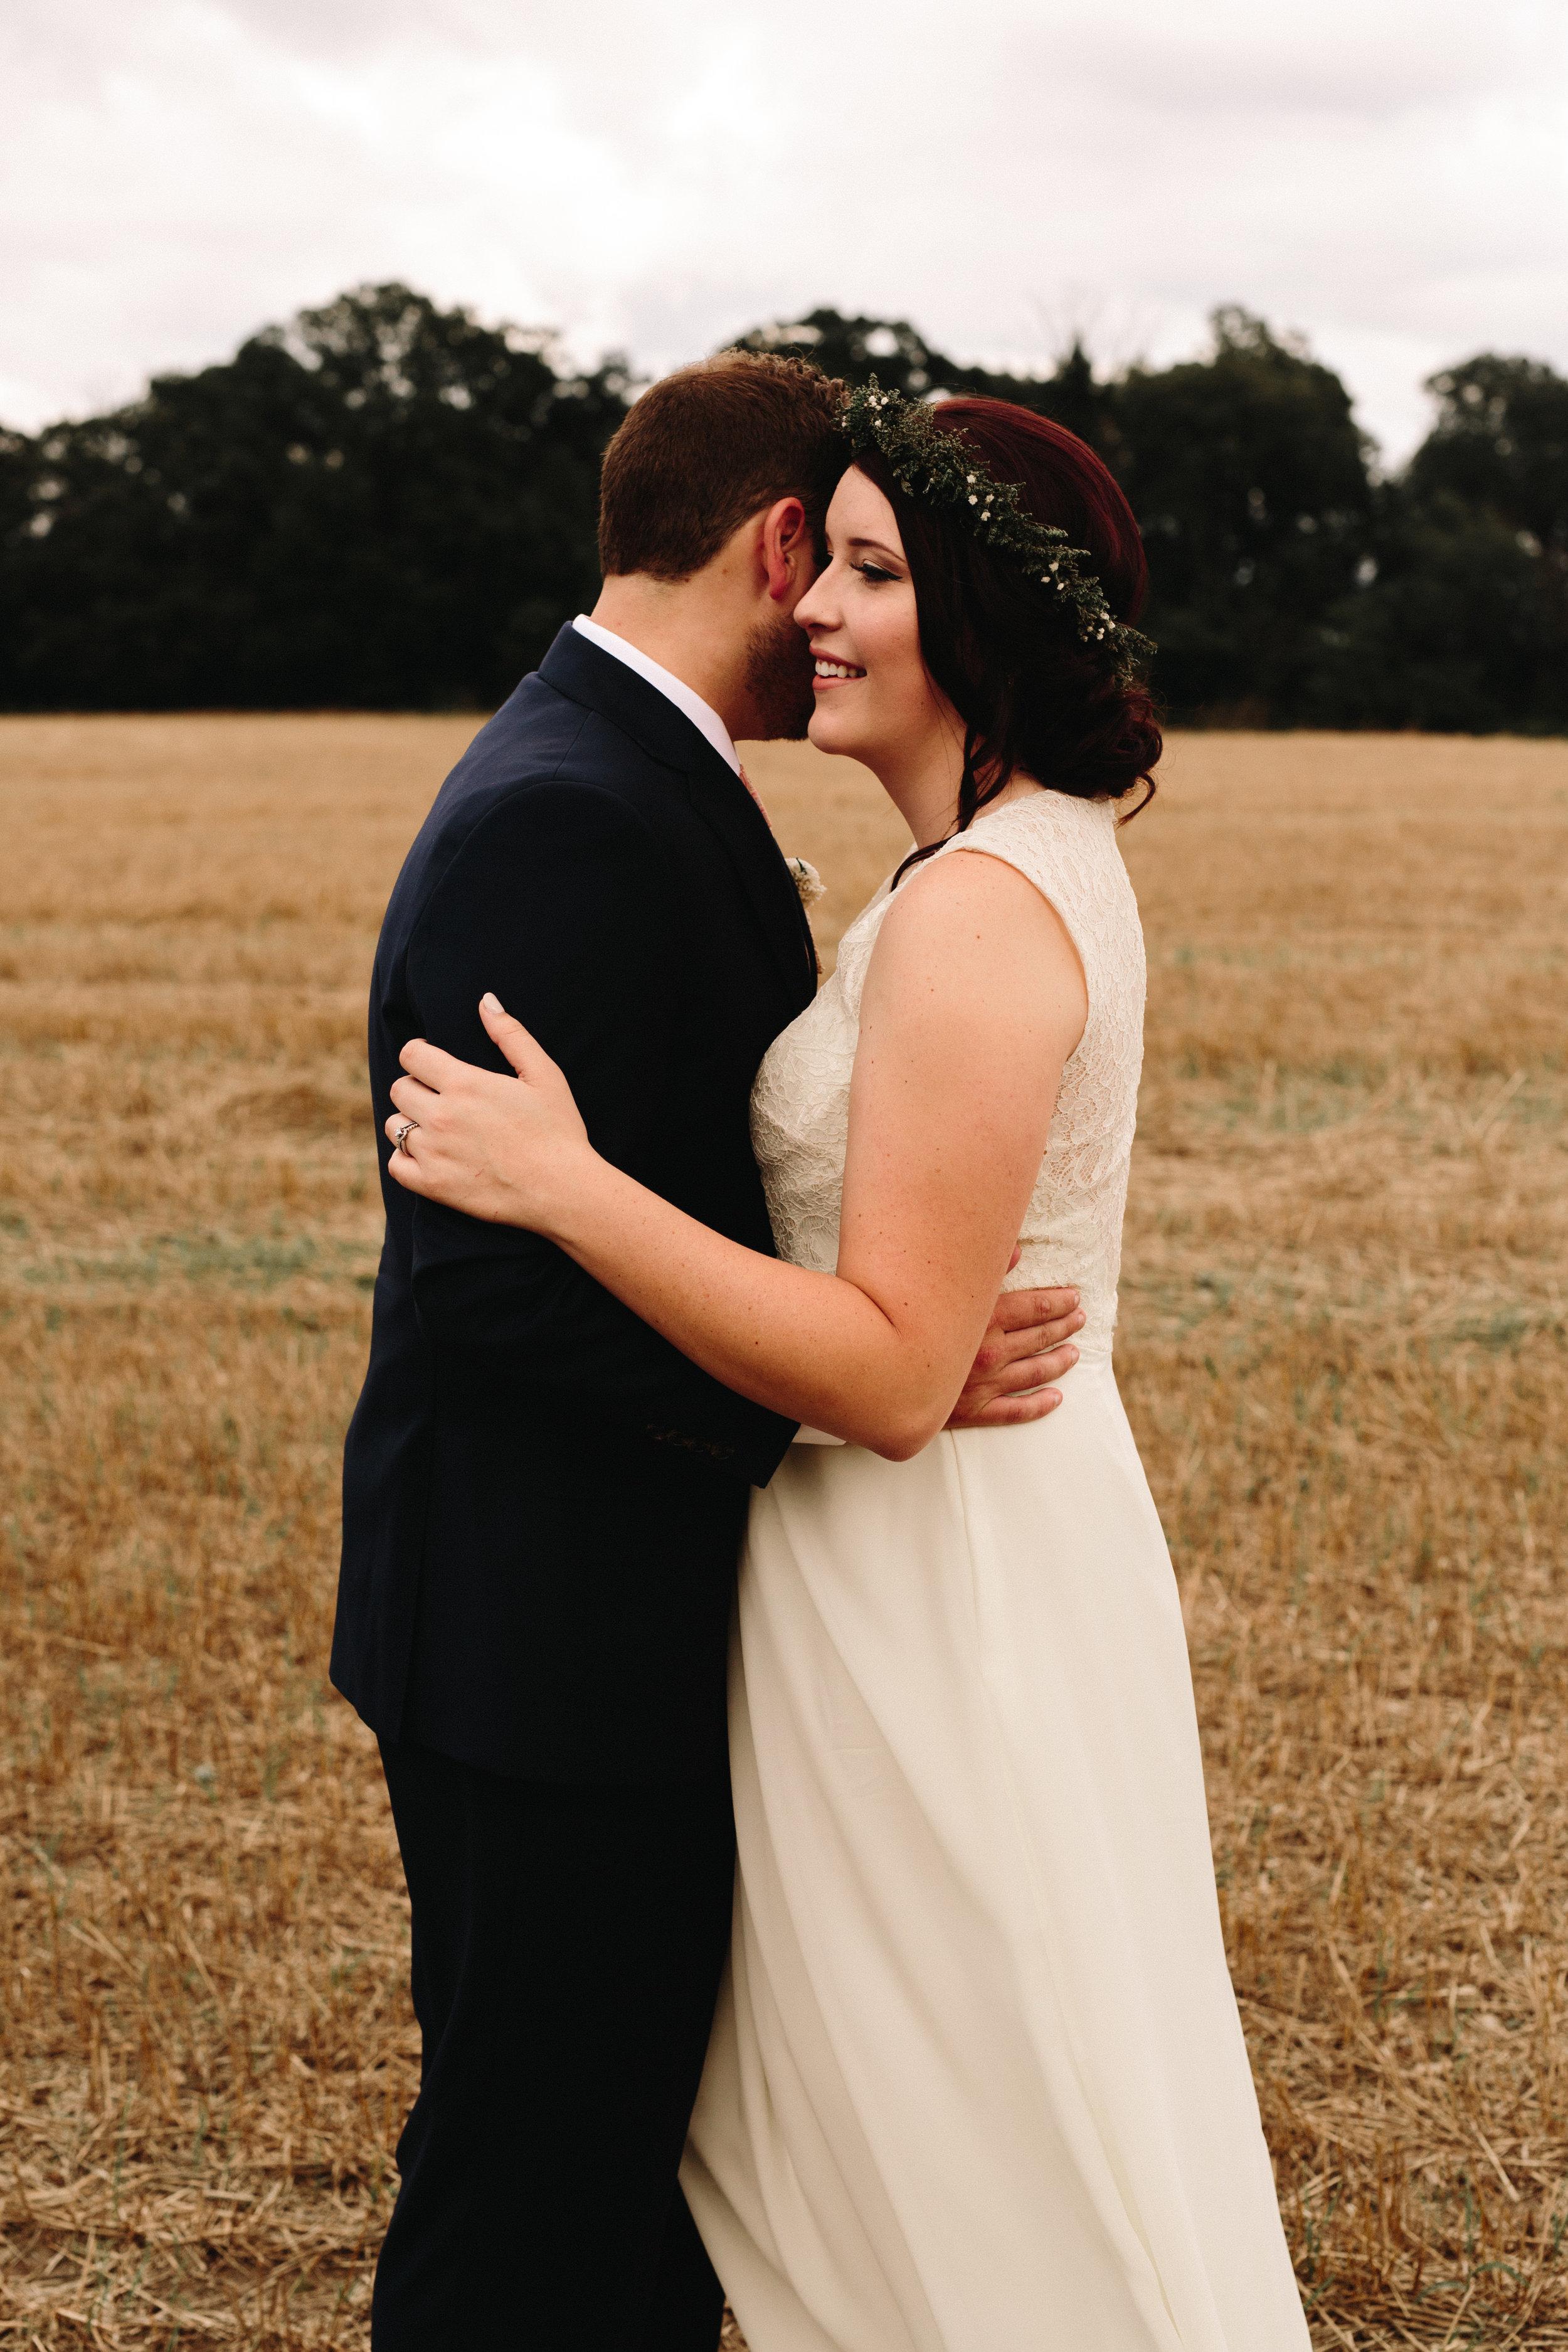 bride-groom-69.jpg